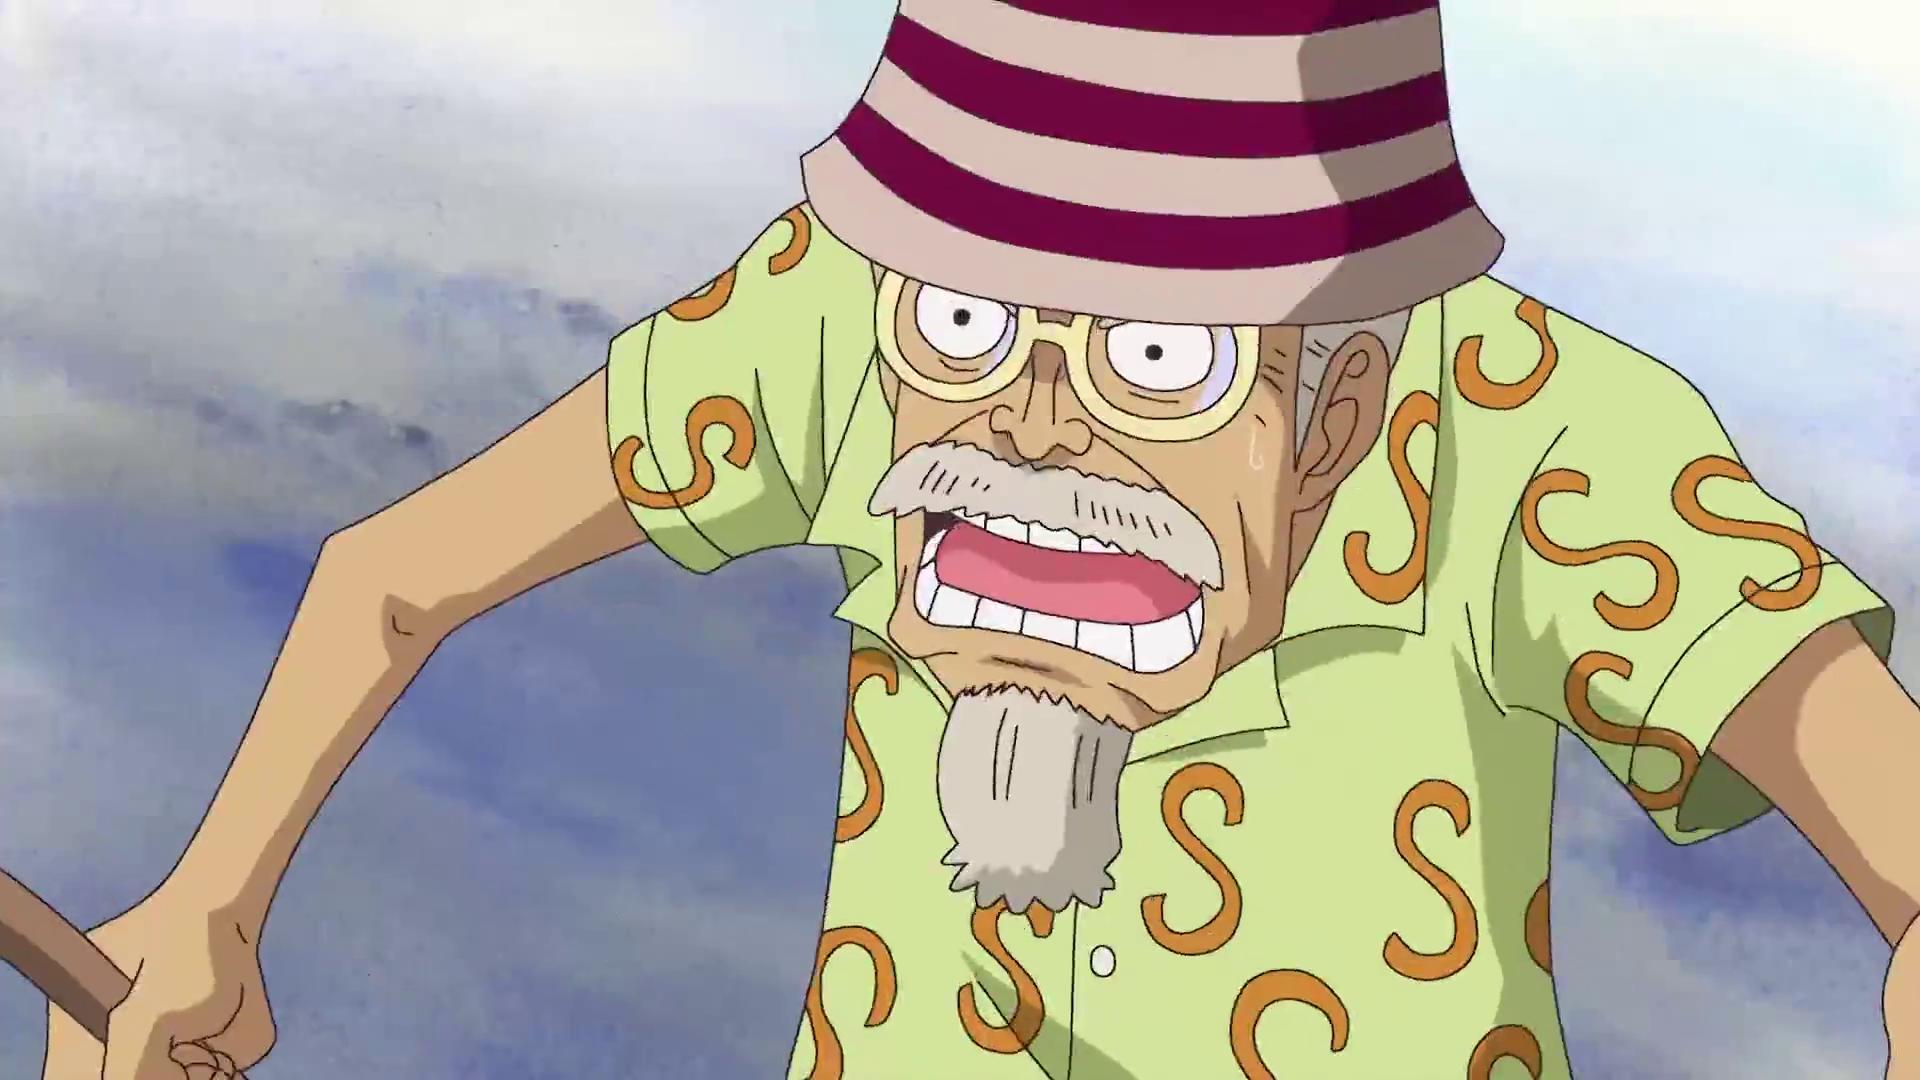 Hoop Slap Anime Post Ellipse